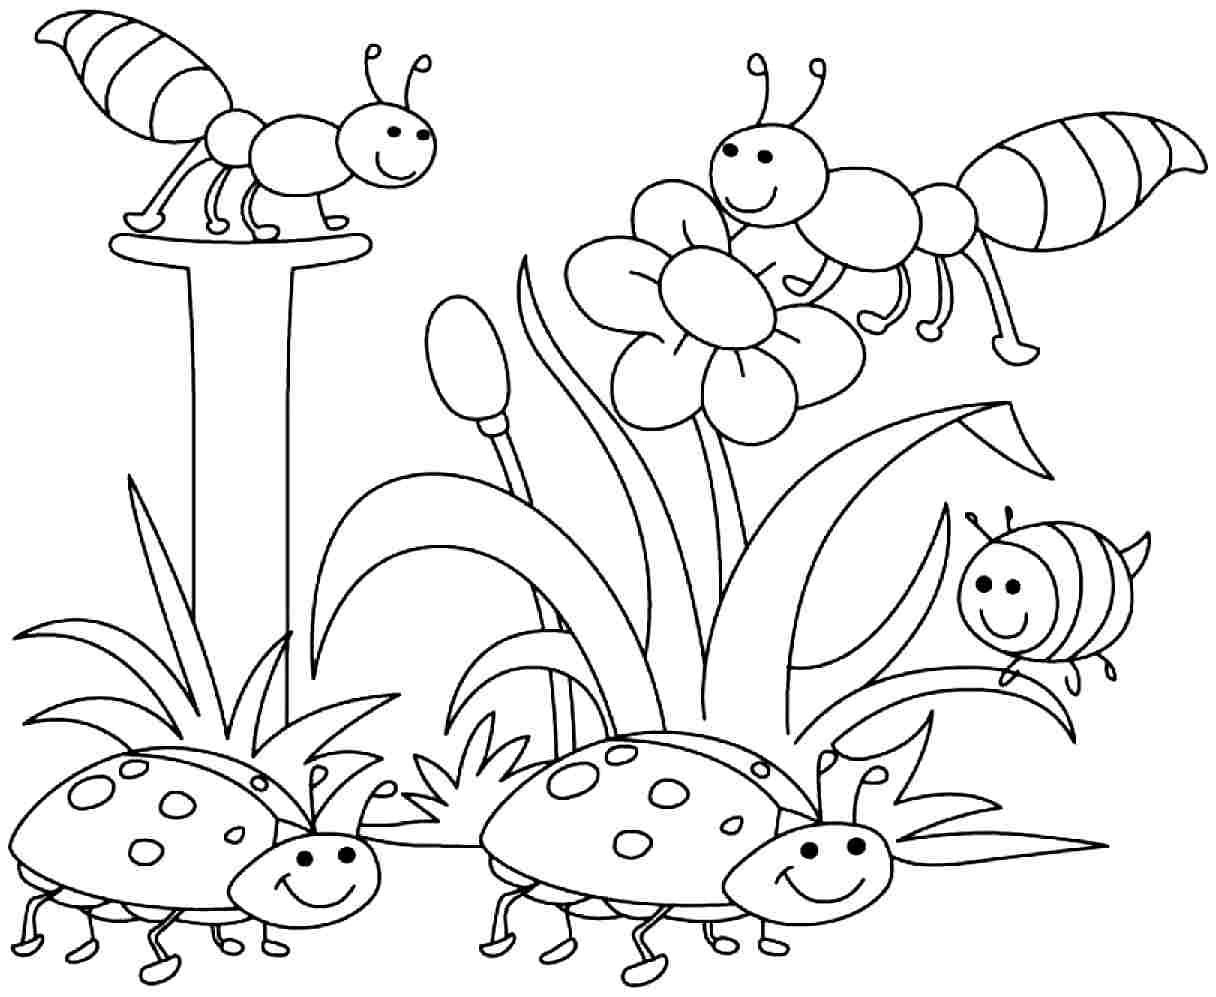 Printable Spring Coloring Pages Buscar Con Google Dibujos Y And